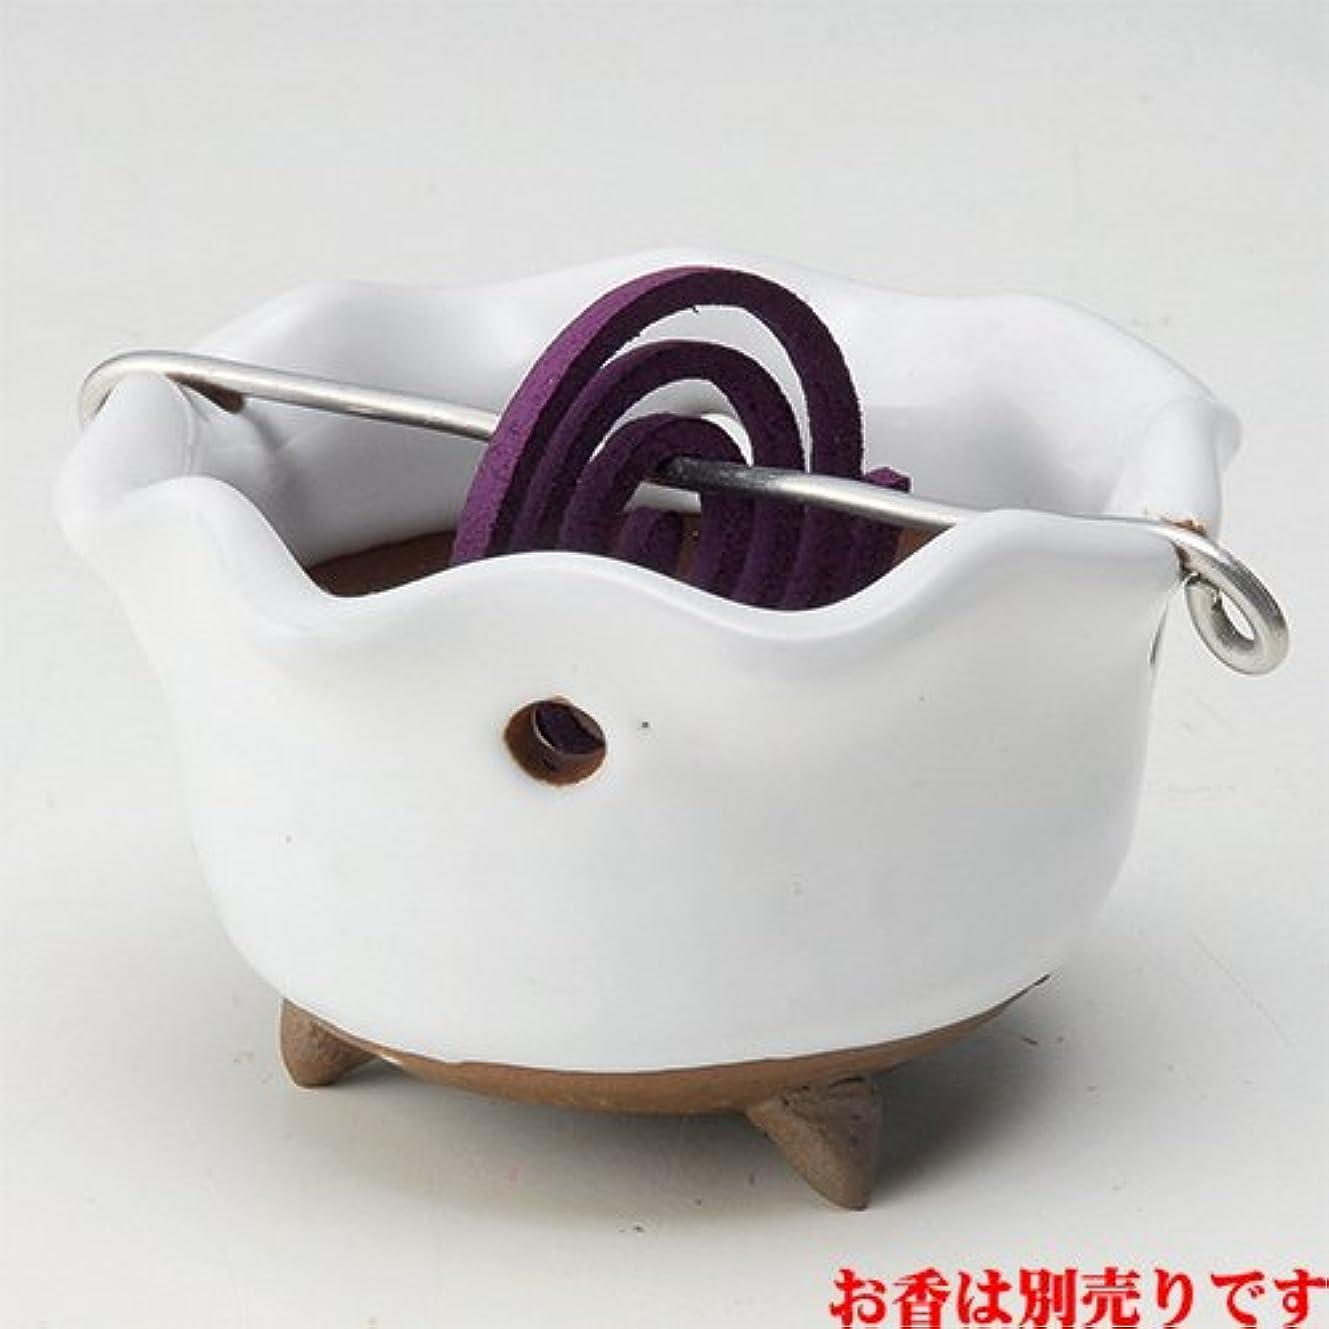 飛行場単位妨げる香皿 白志野 花型 香鉢 [R8.5xH5.3cm] HANDMADE プレゼント ギフト 和食器 かわいい インテリア